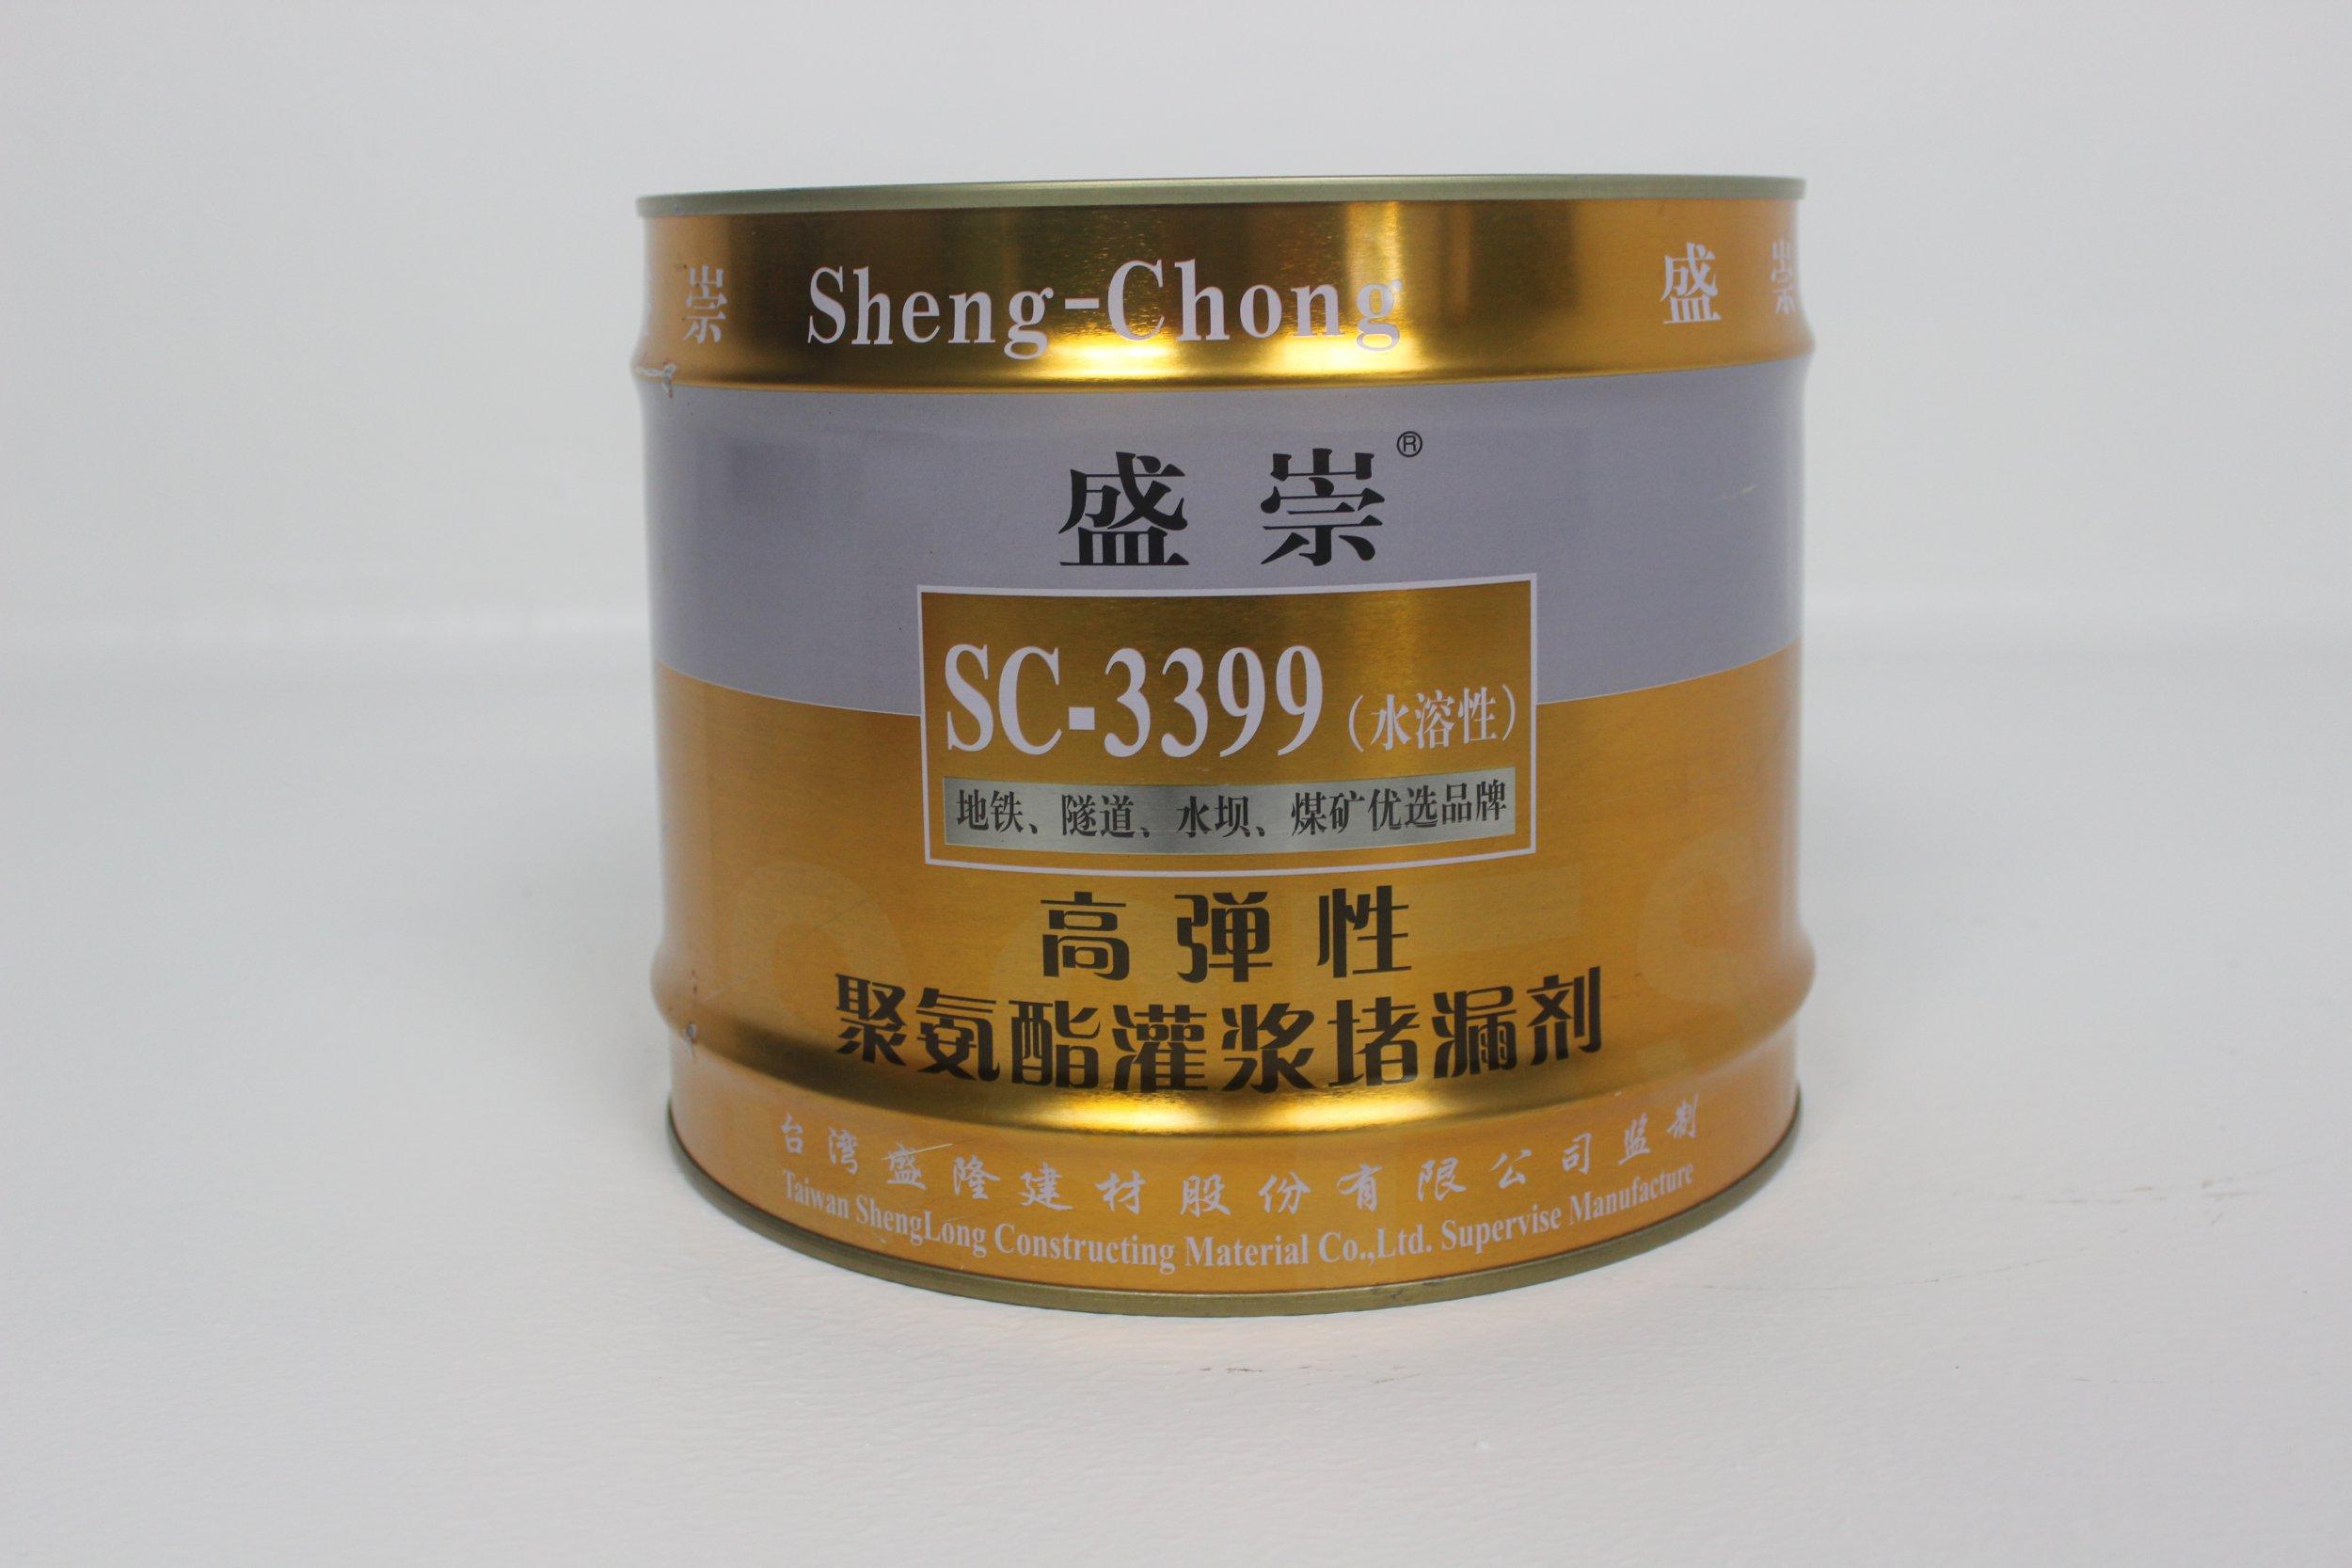 SC-3399(水溶性)高弹性聚氨酯灌浆堵漏剂